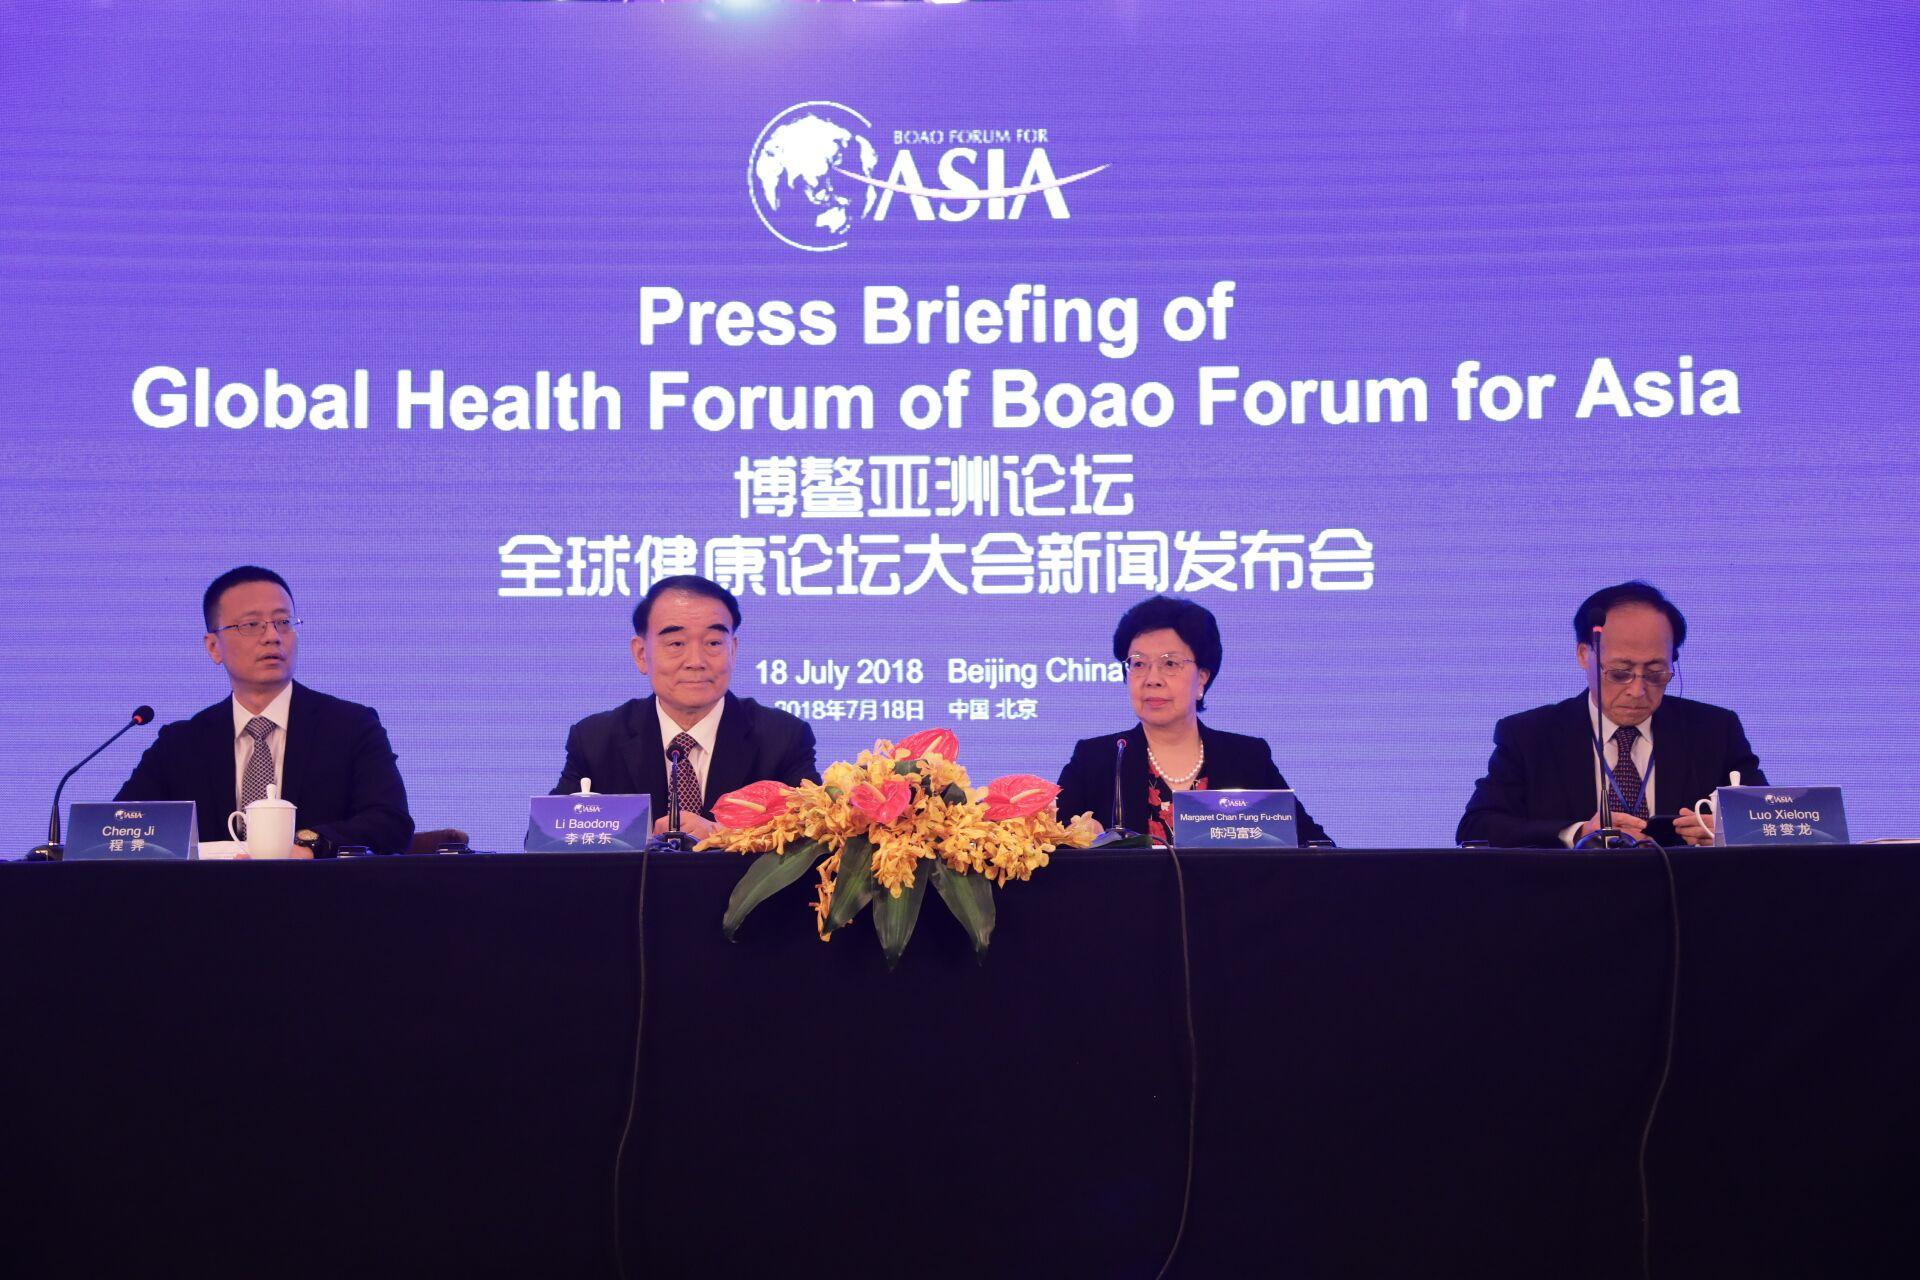 博鳌亚洲论坛拟召开全球健康论坛大会